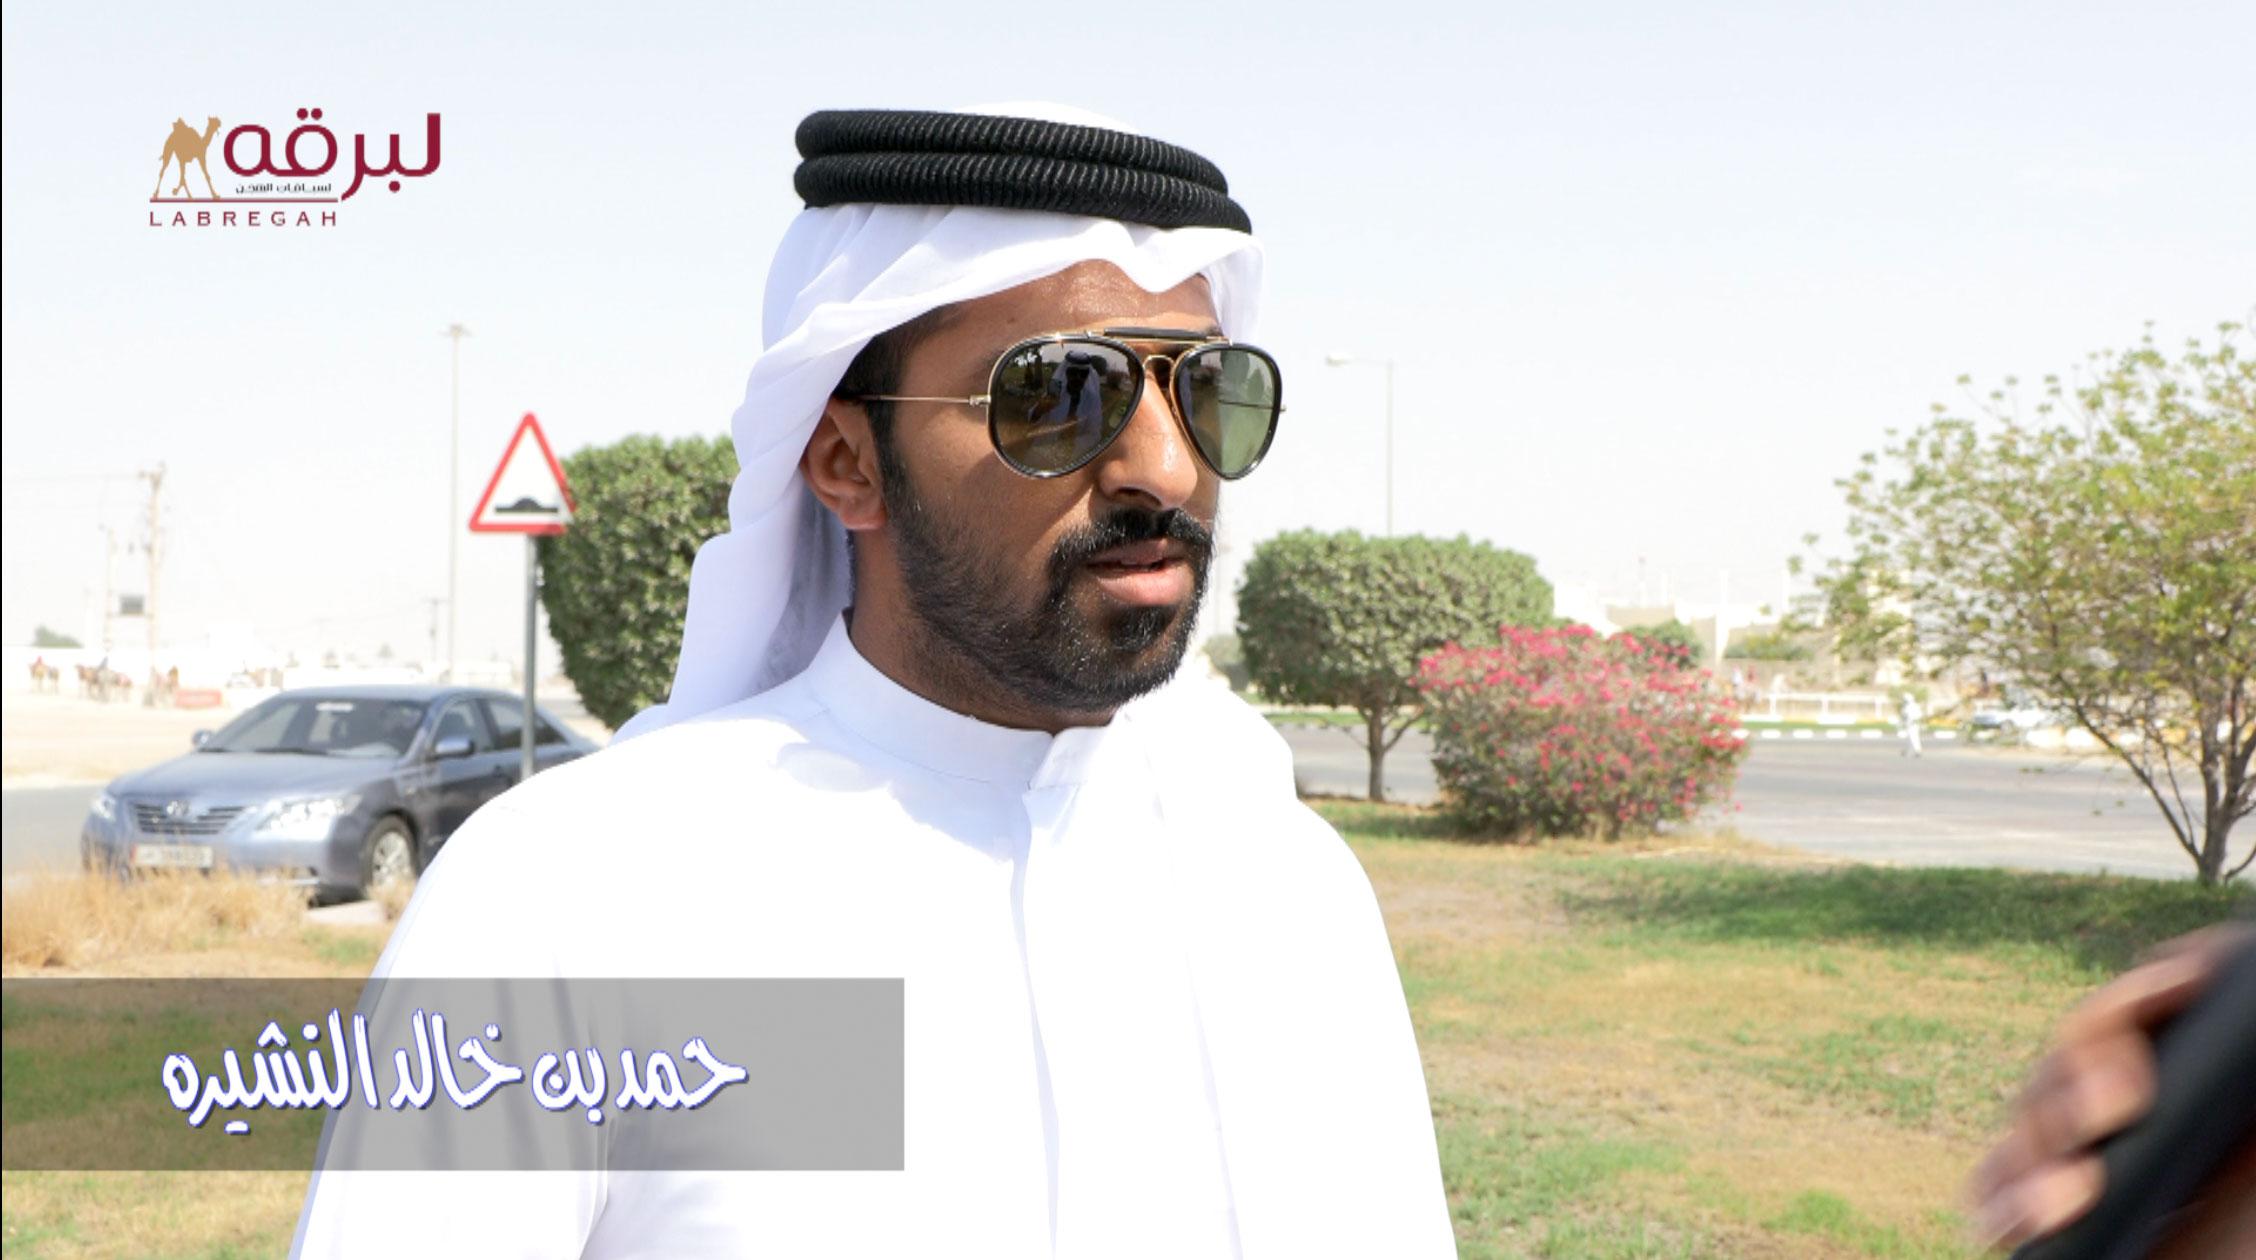 لقاء مع حمد بن خالد النشيره.. الشوط الرئيسي لقايا بكار مفتوح ميدان الشحانية ٦-٩-٢٠٢١